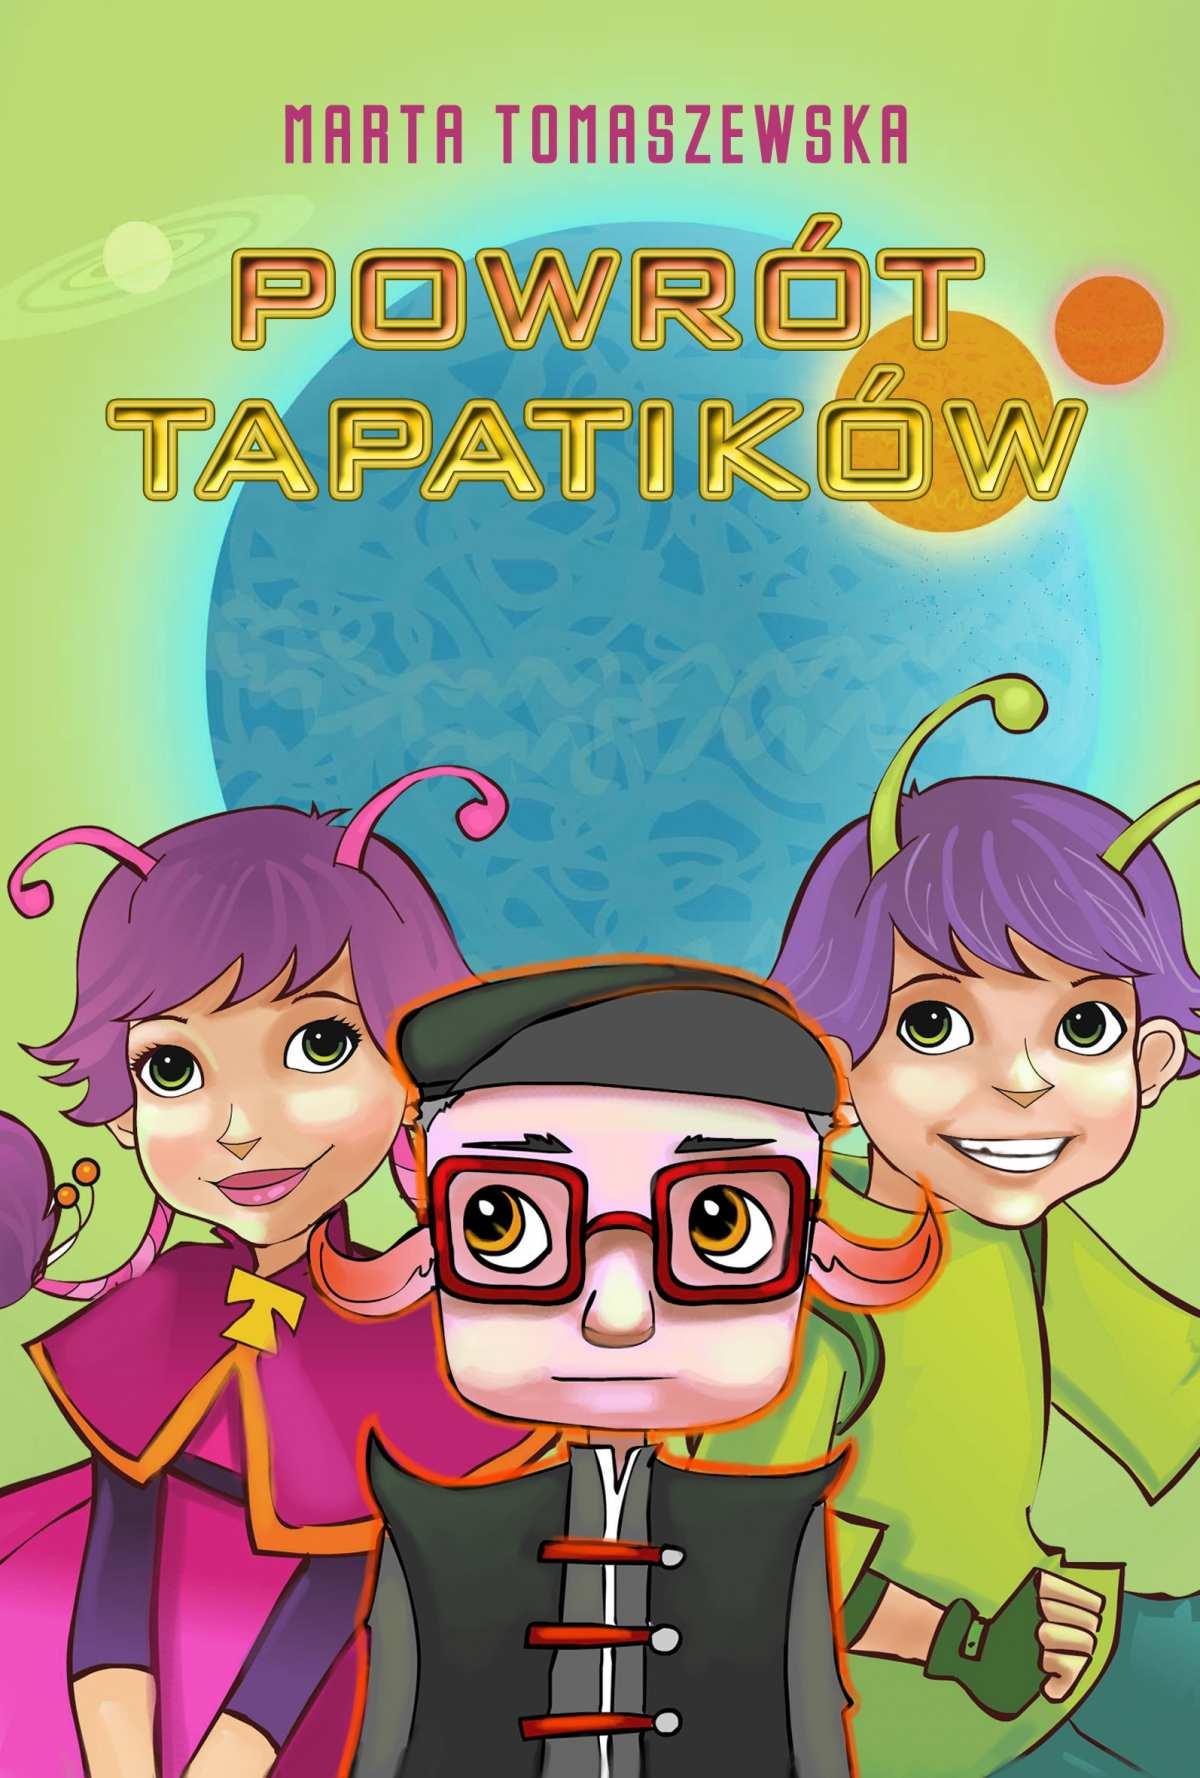 Powrót Tapatików - Ebook (Książka EPUB) do pobrania w formacie EPUB